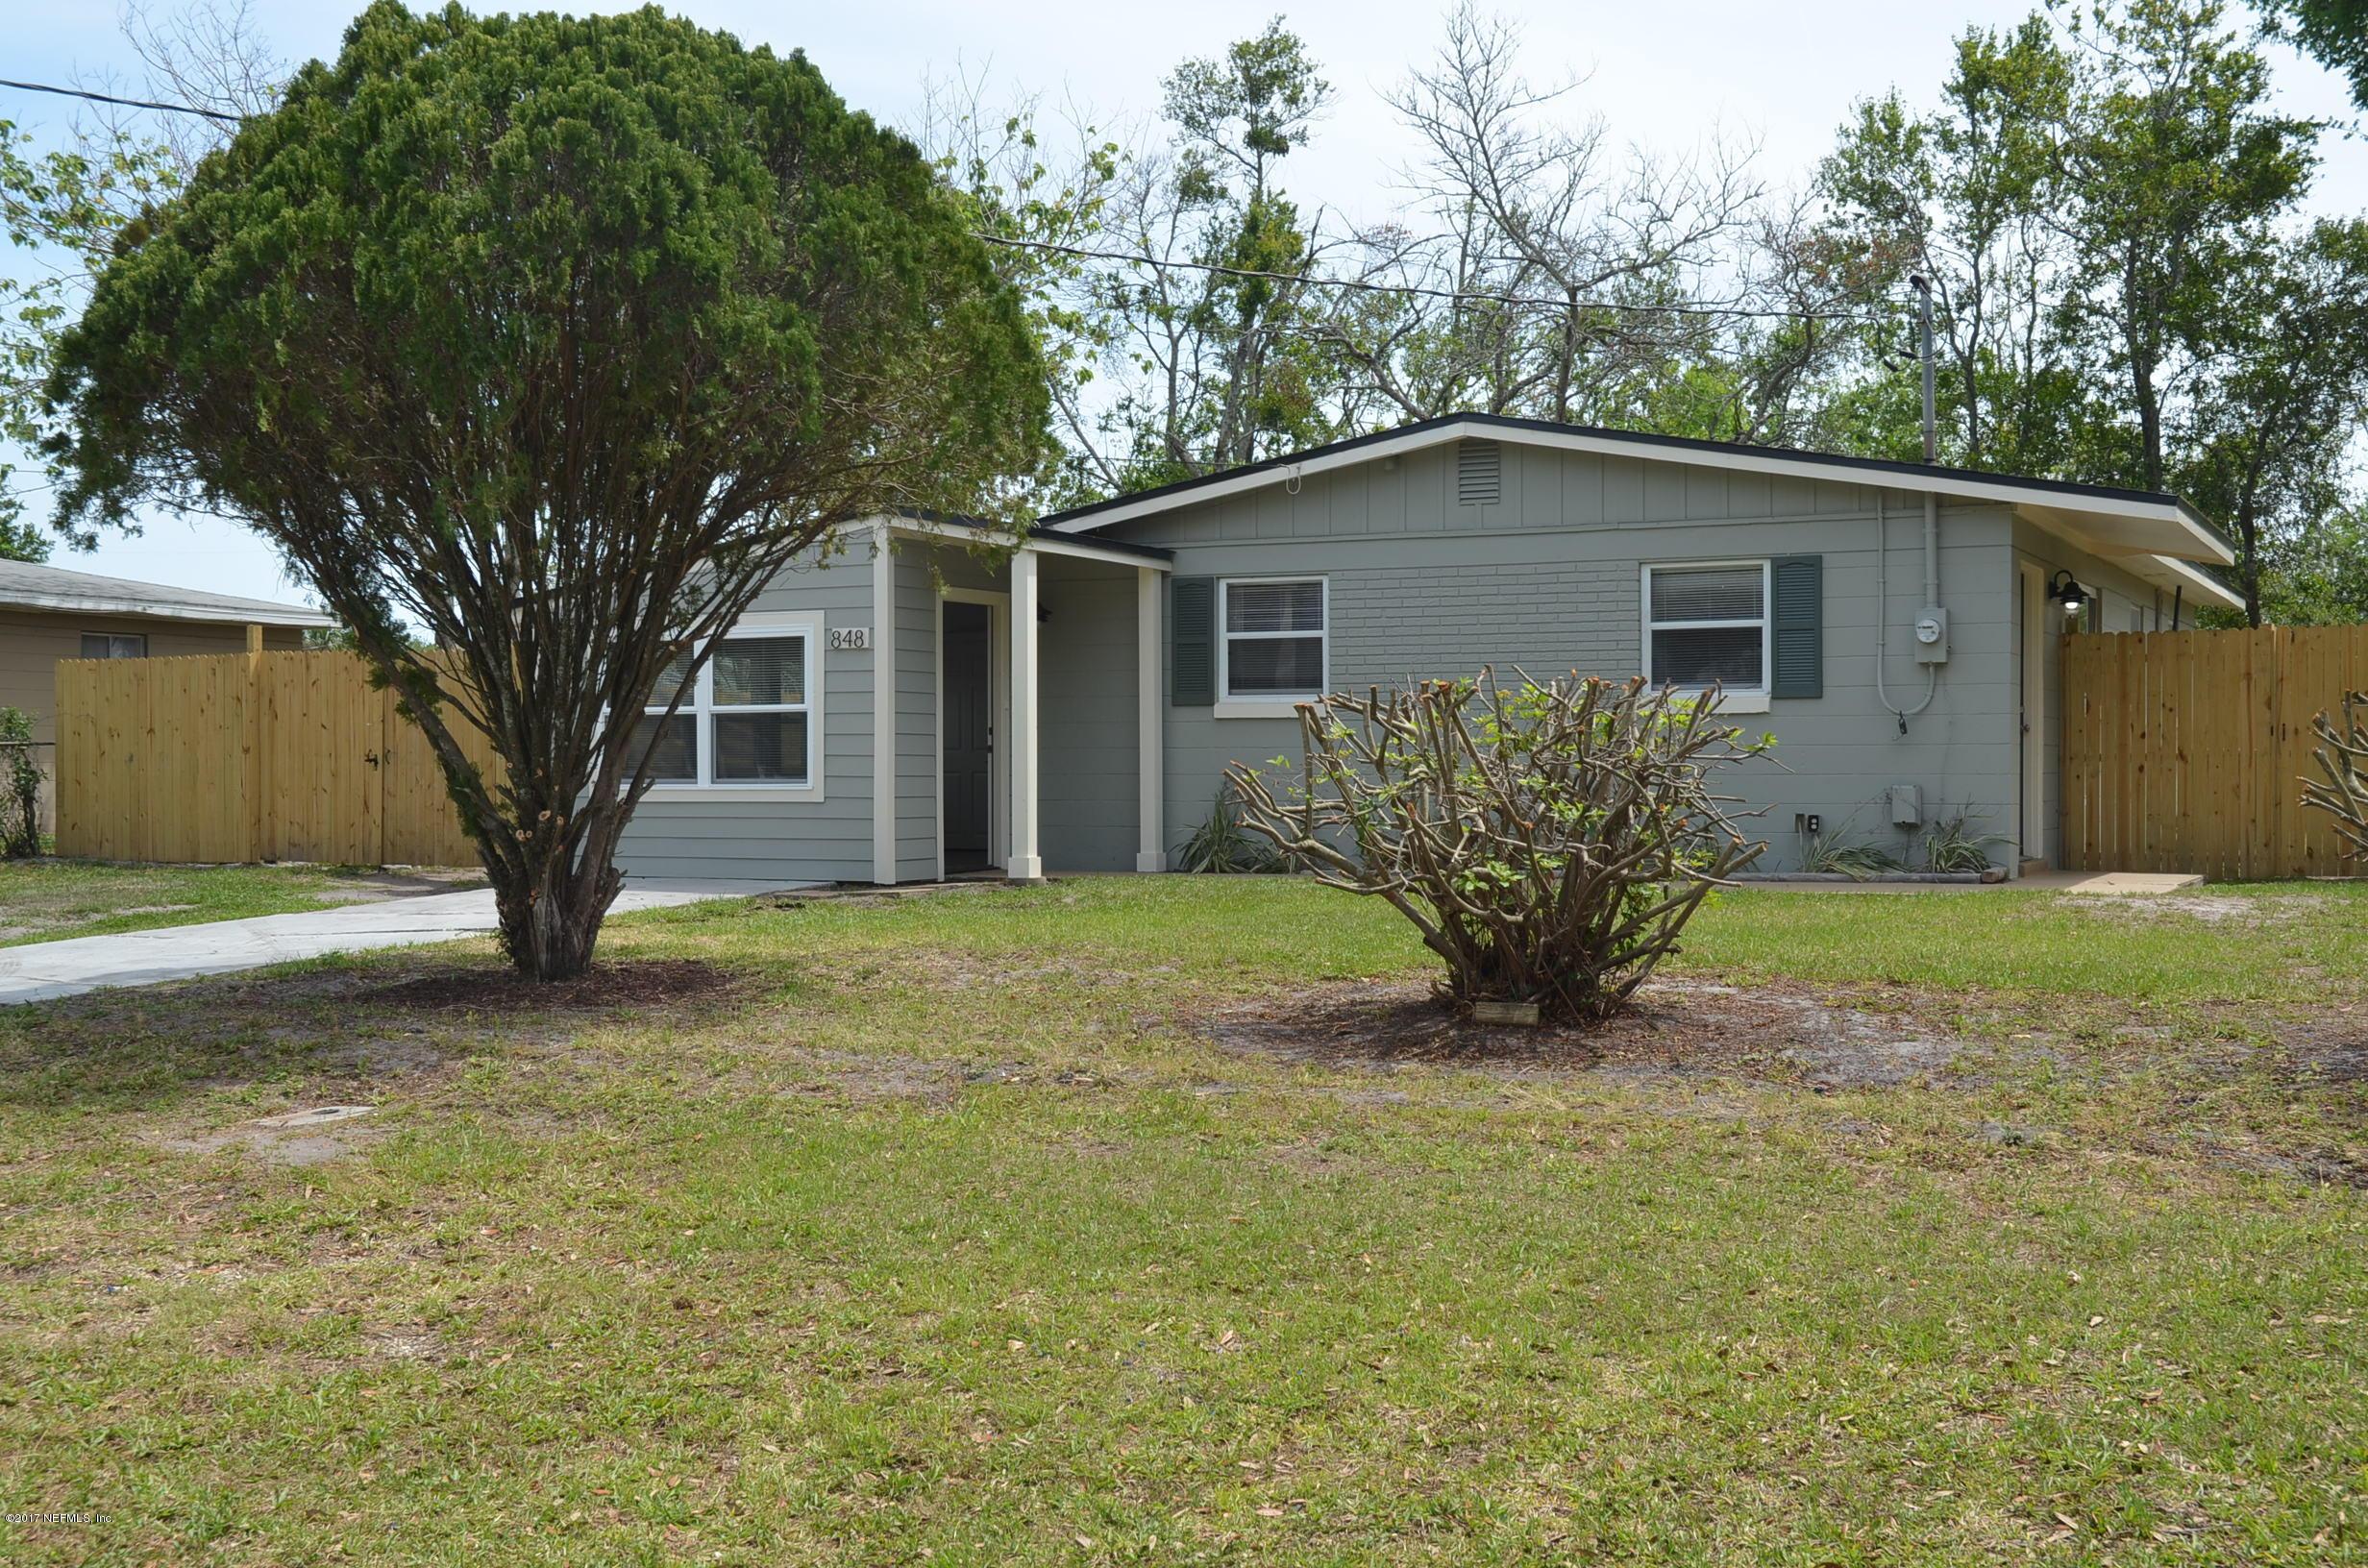 848 AMBERJACK LN, ATLANTIC BEACH, FL 32233